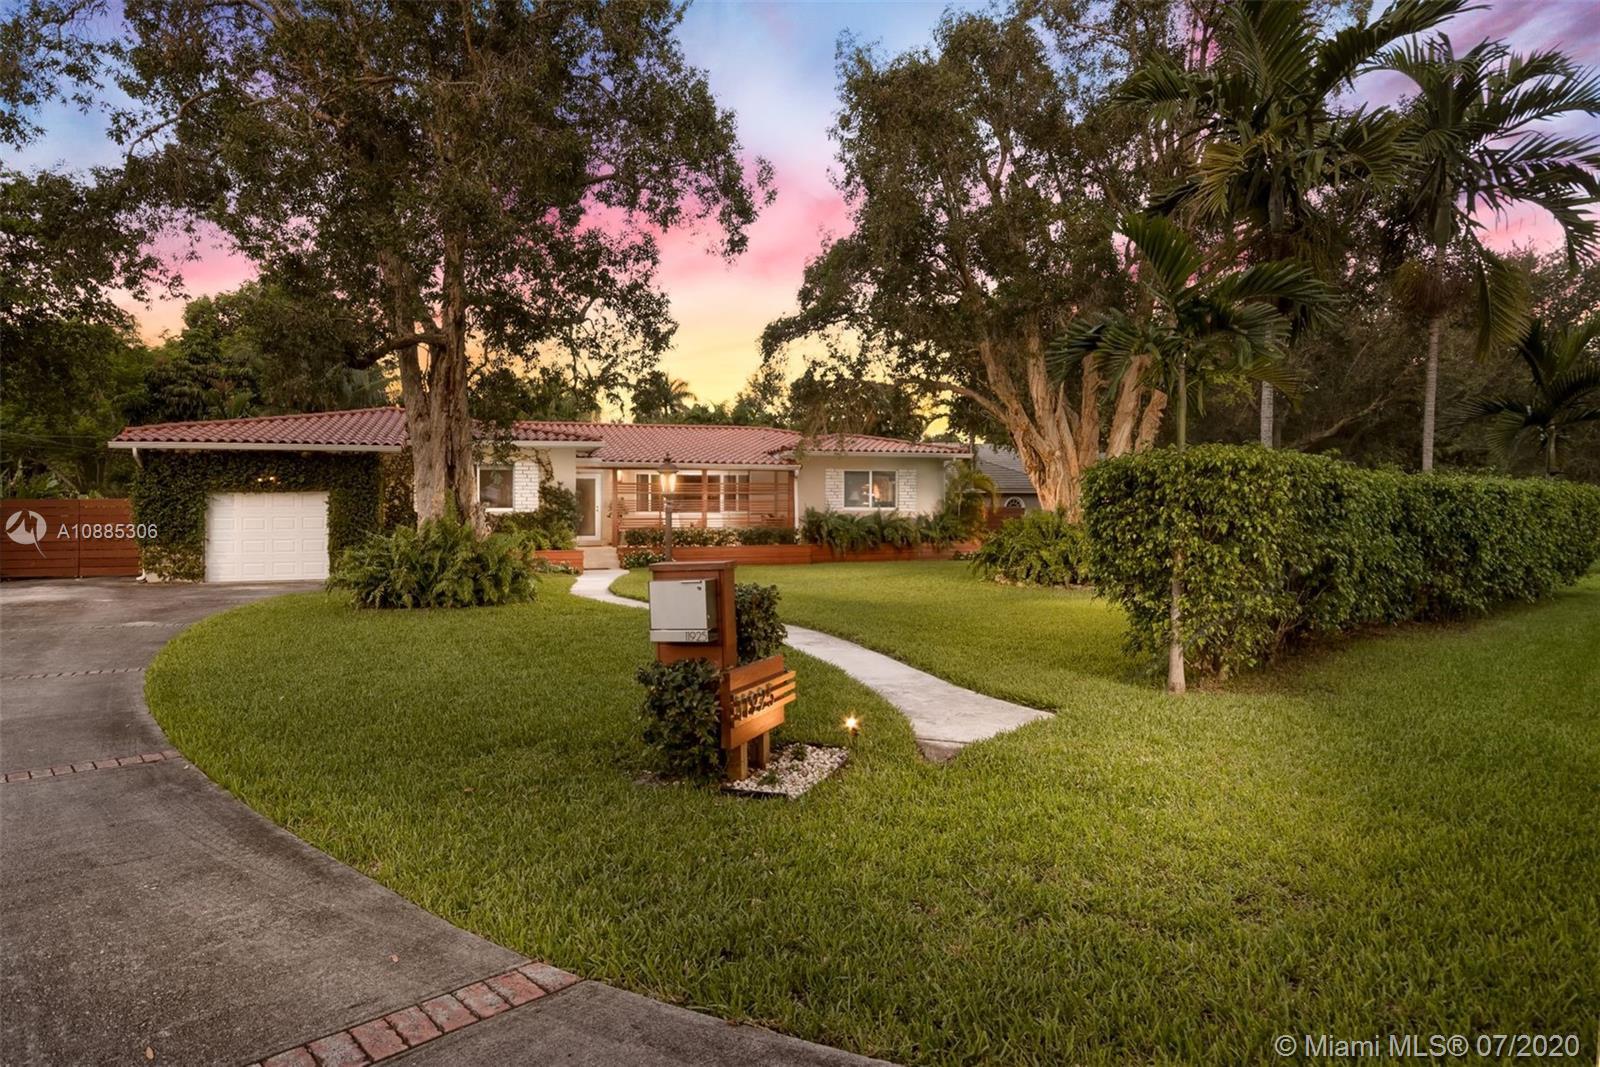 11925 Griffing Blvd Property Photo - Biscayne Park, FL real estate listing